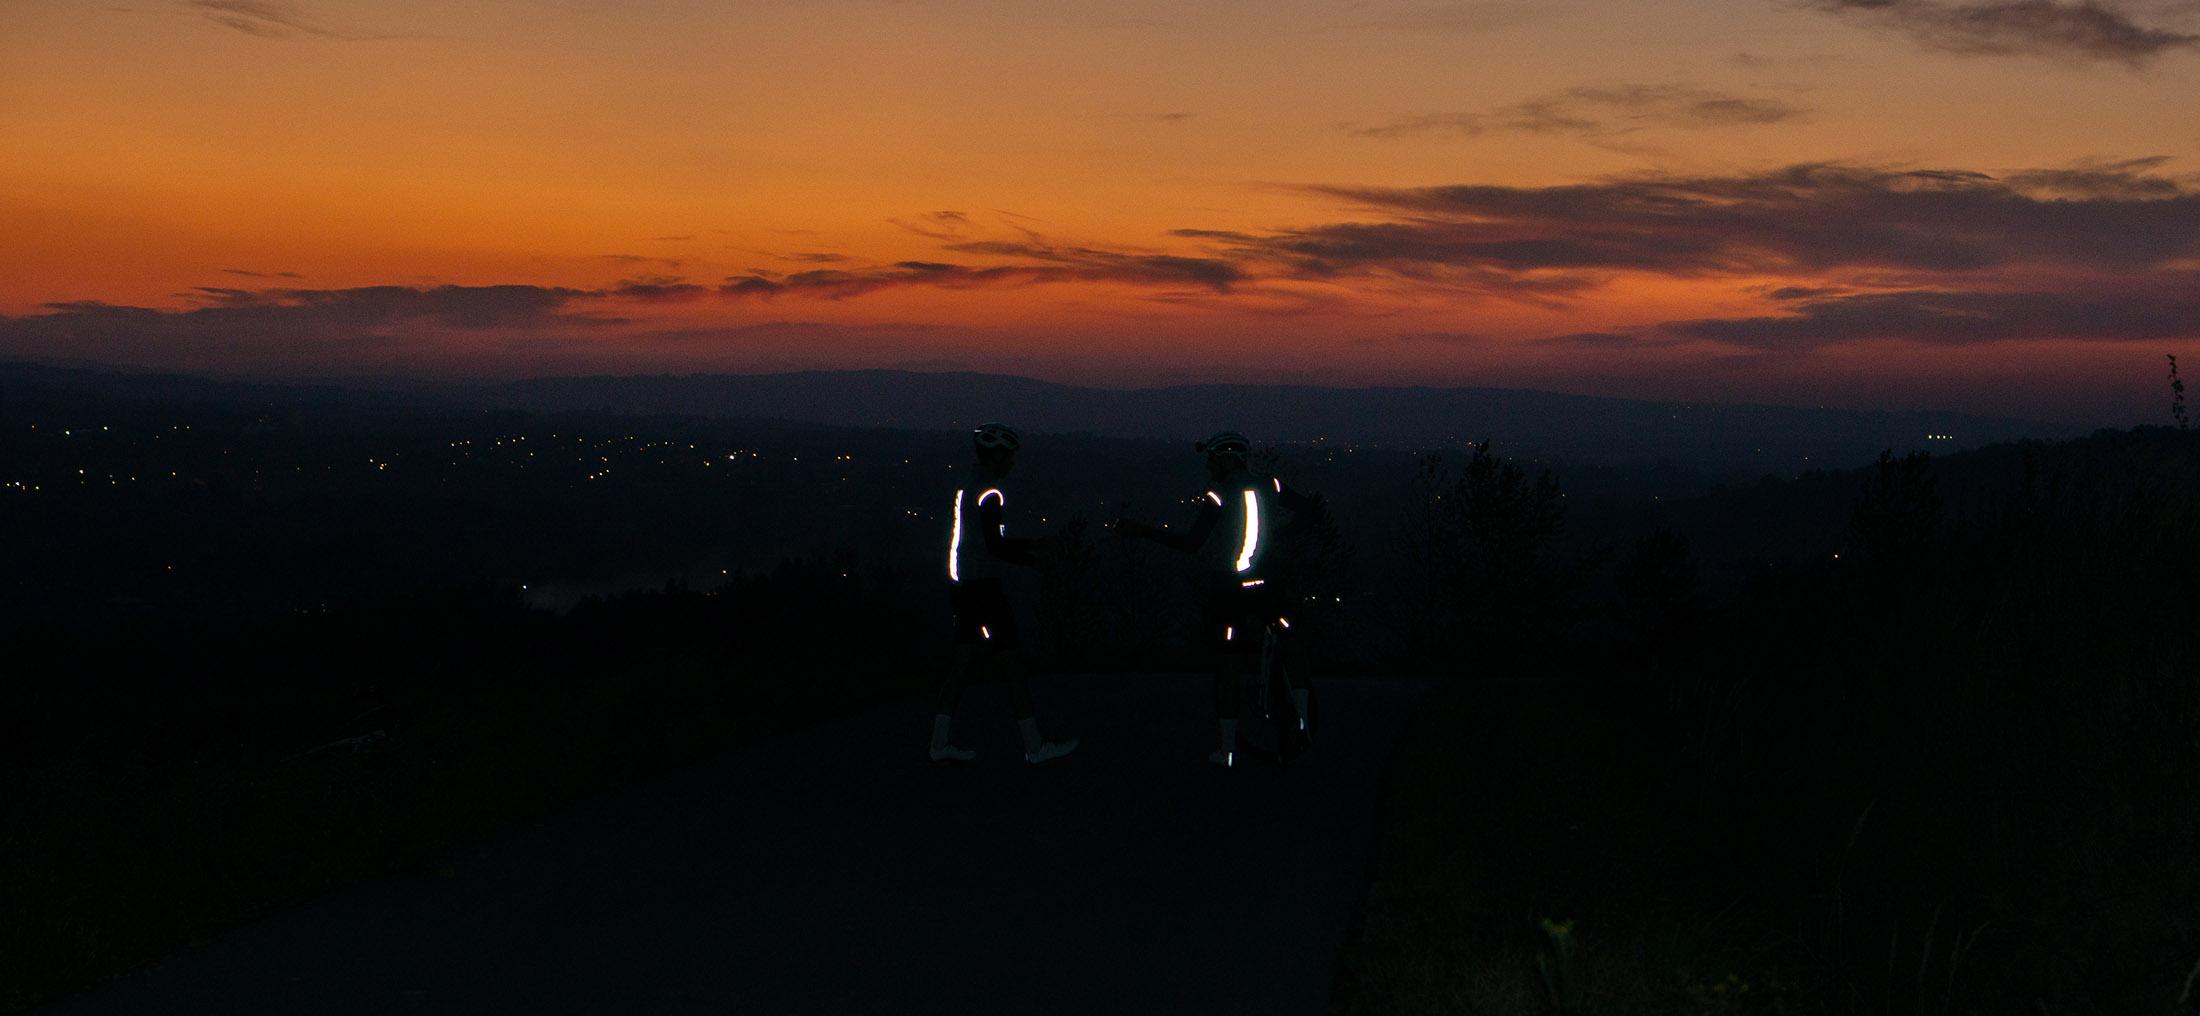 kolarze widoczni w nocy w odblaskowej kamizelce rowerowej Luxa Shining Night